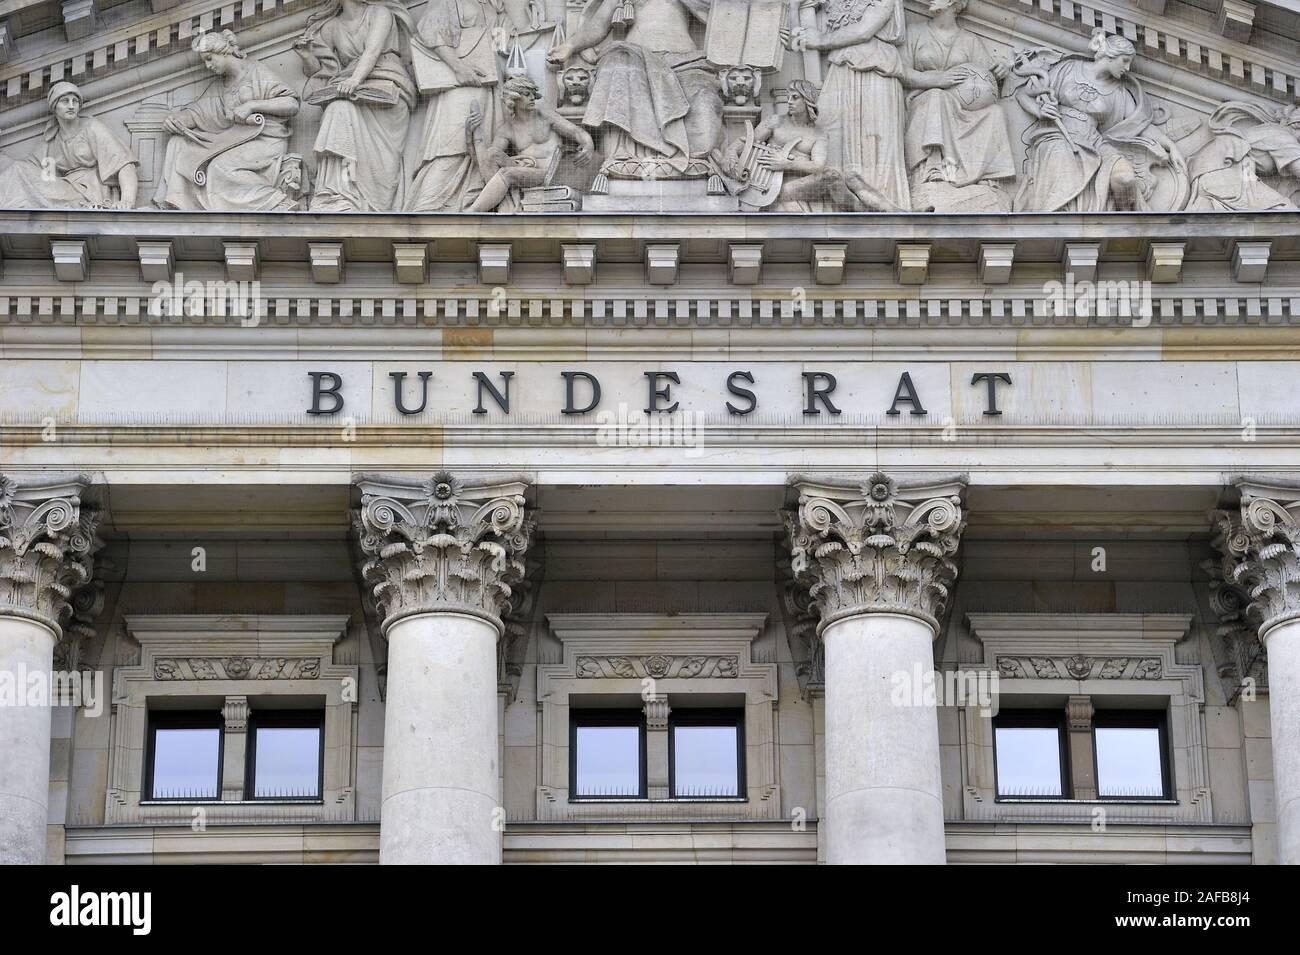 Schriftzug Bundesrat im Giebel, Tympanon ueber dem Hauptportal des Gebaeude des Bundesrat in Berlin, Deutschland, Europa Stock Photo